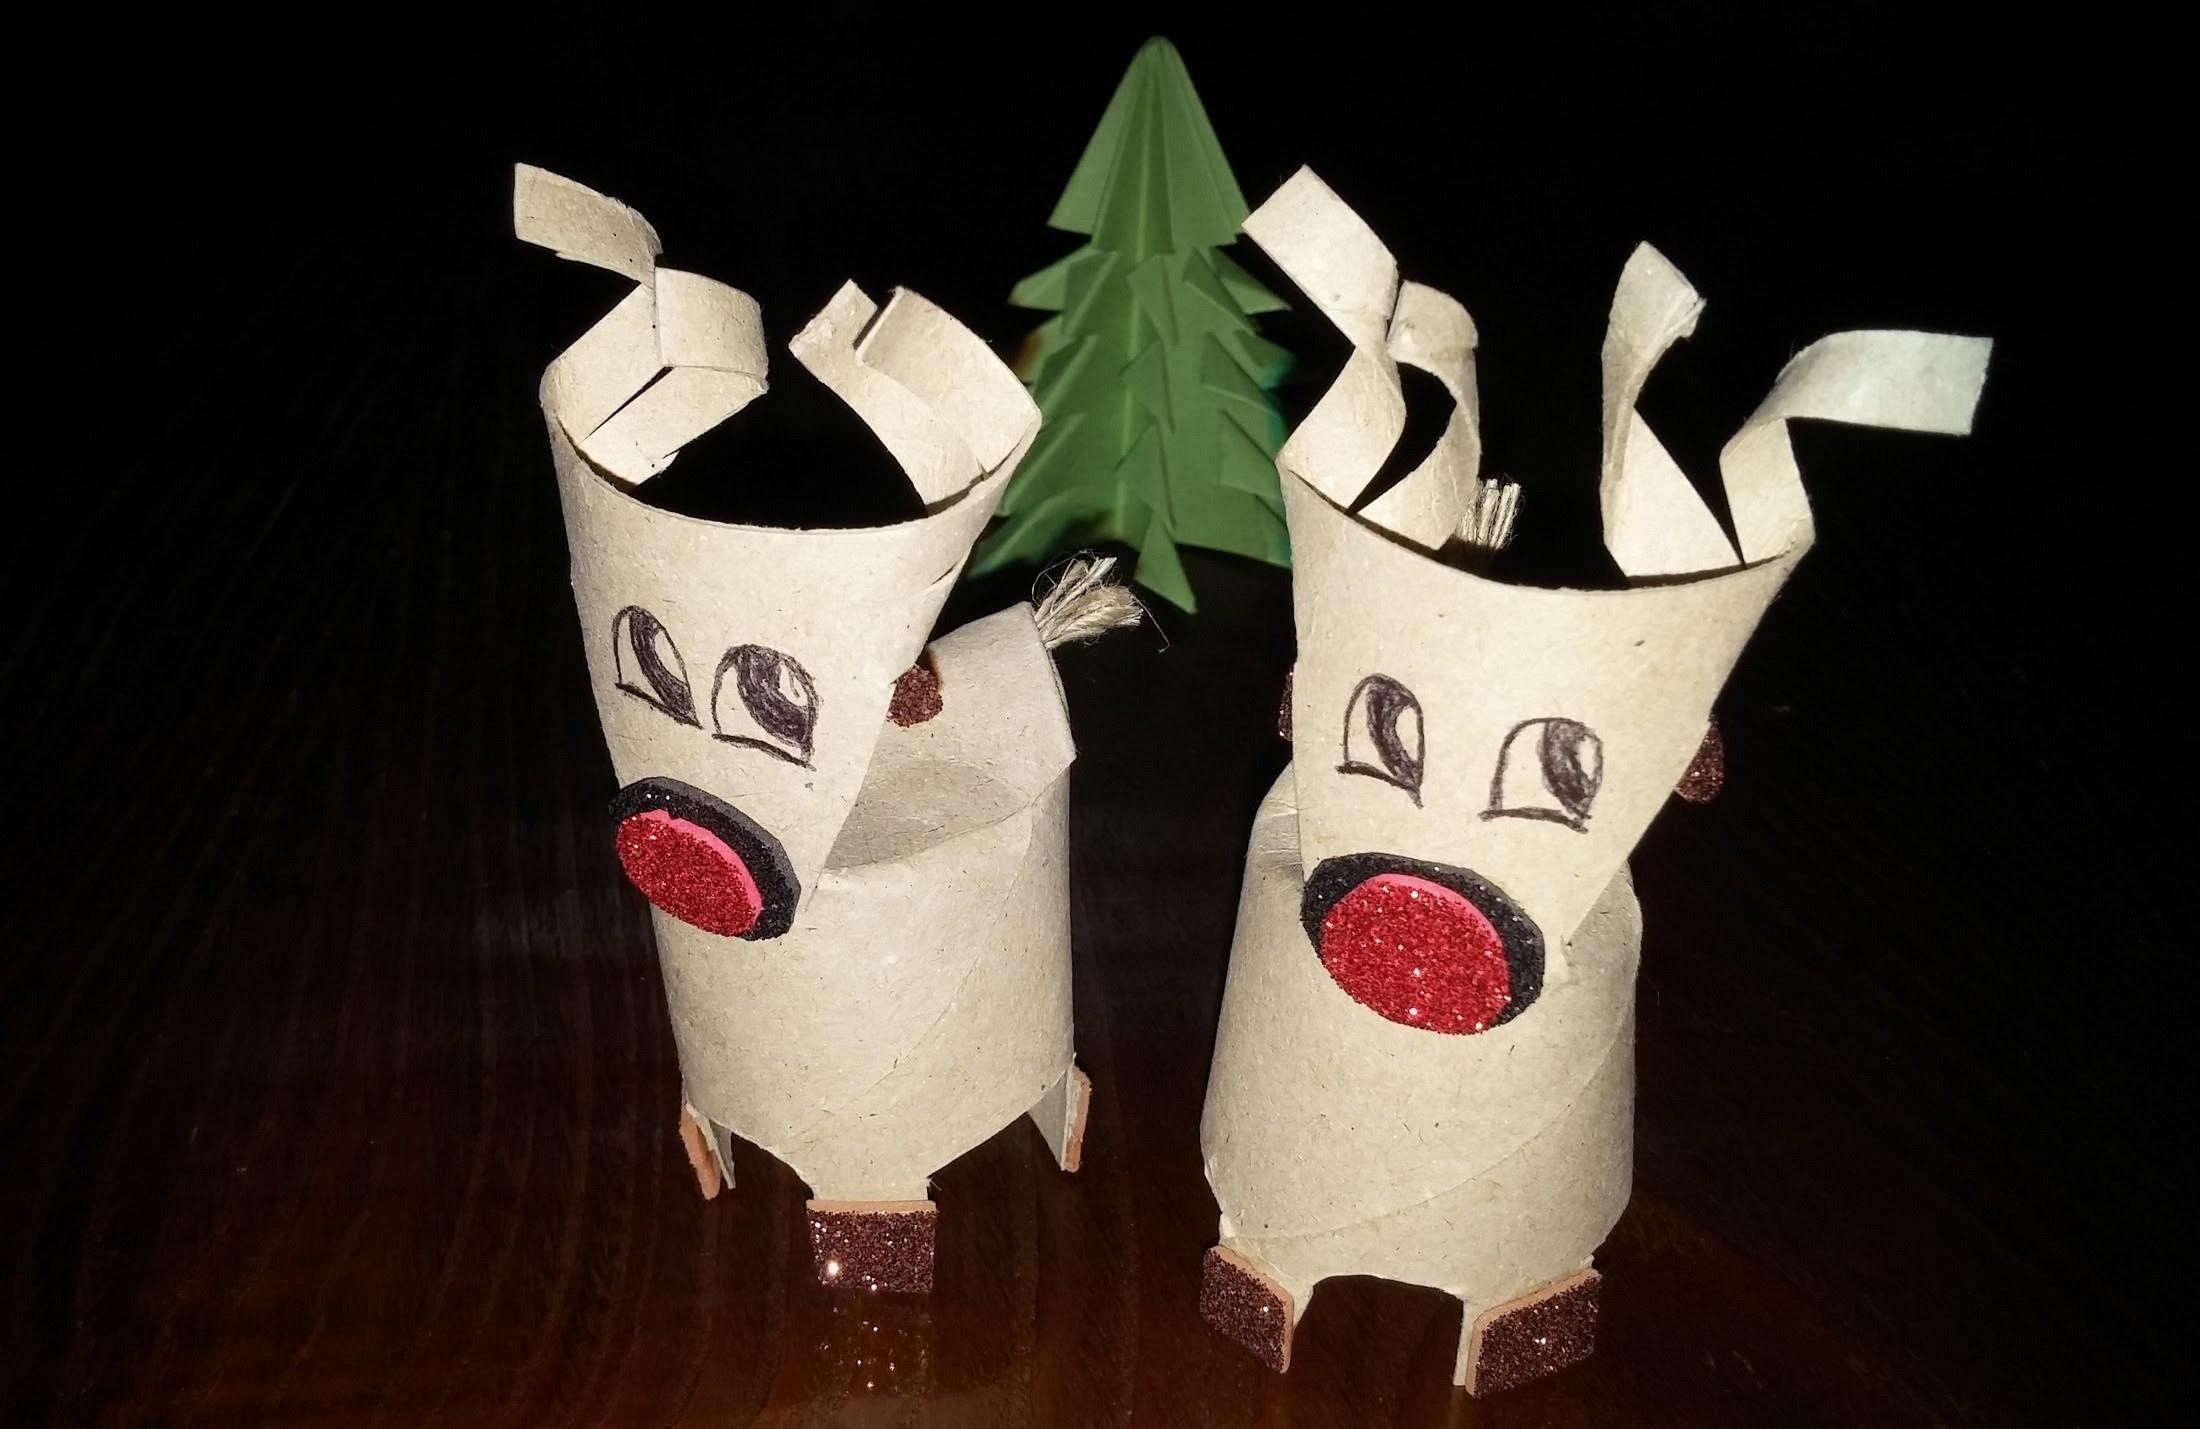 Como fazer rena de Natal - DIY - How to make a Christmas reindeer